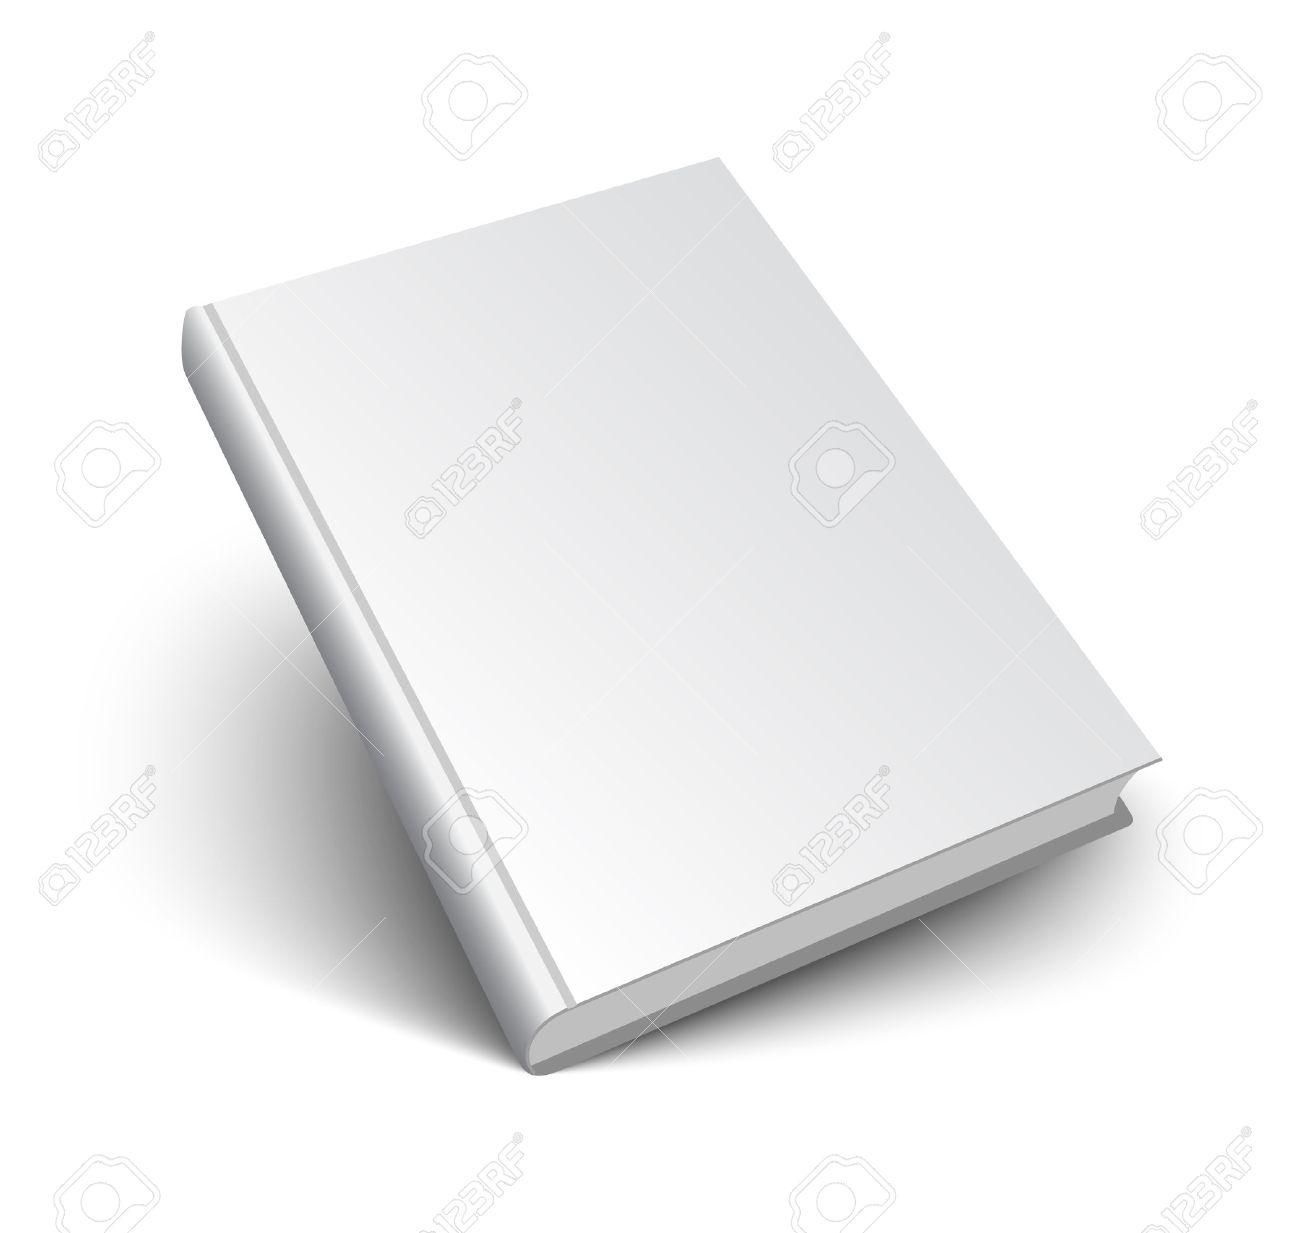 Blank Maquette Du Livre Avec L Ombre Isole Sur Blanc 3d Illustration Vectorielle